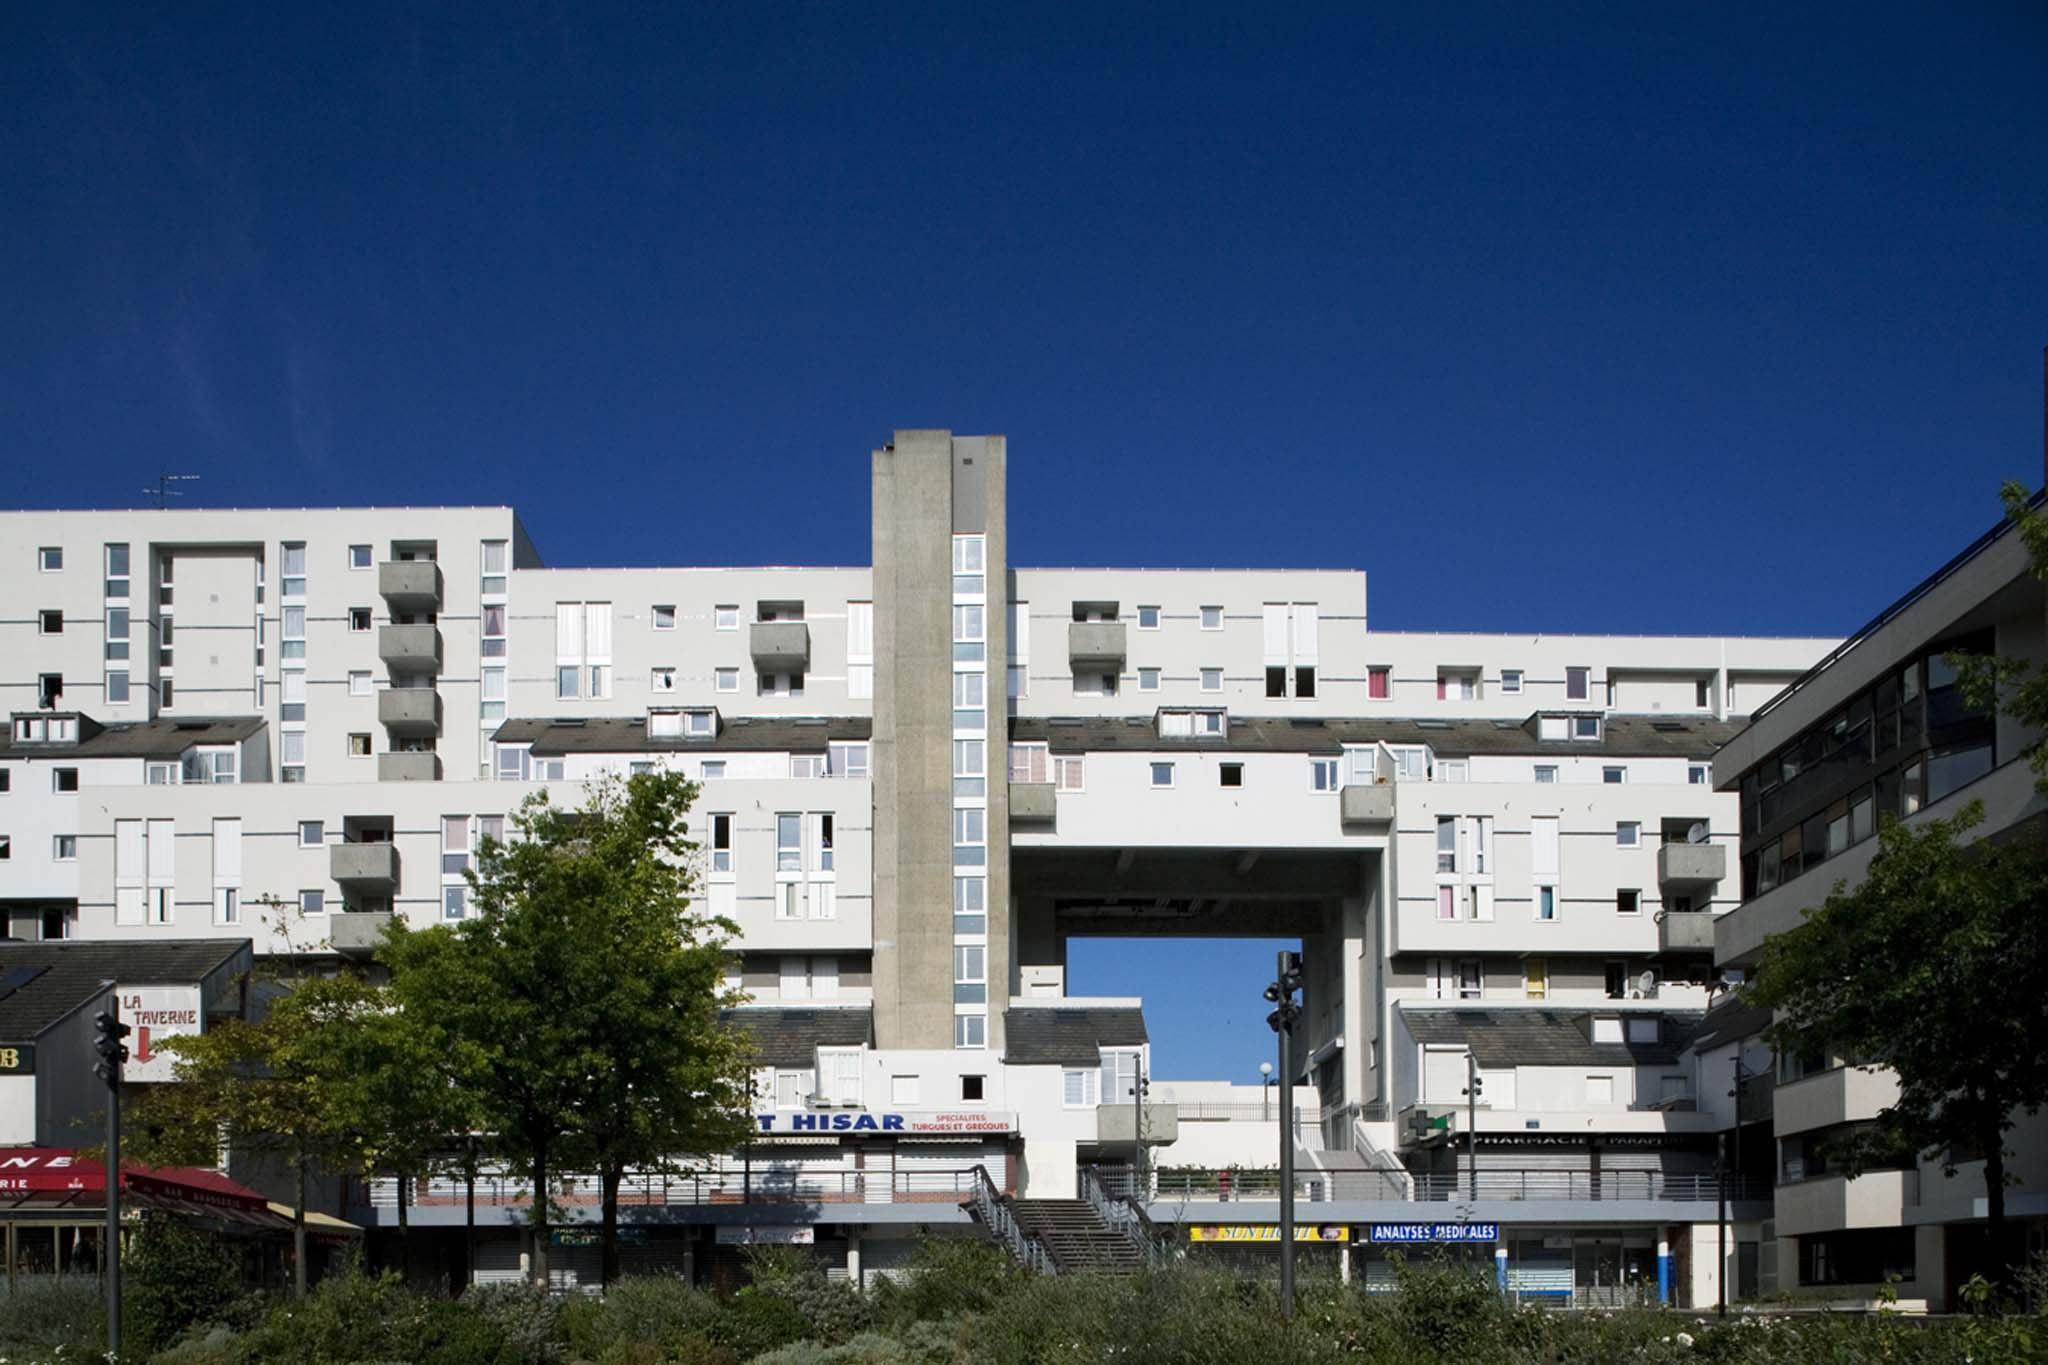 Sortie USK « architecture remarquable » à Evry, Samedi 6 mars 2021 @ devant le chef d'œuvre de l'architecte Pierre Riboulet.-coté cours Blaise pascal | Évry-Courcouronnes | Île-de-France | France